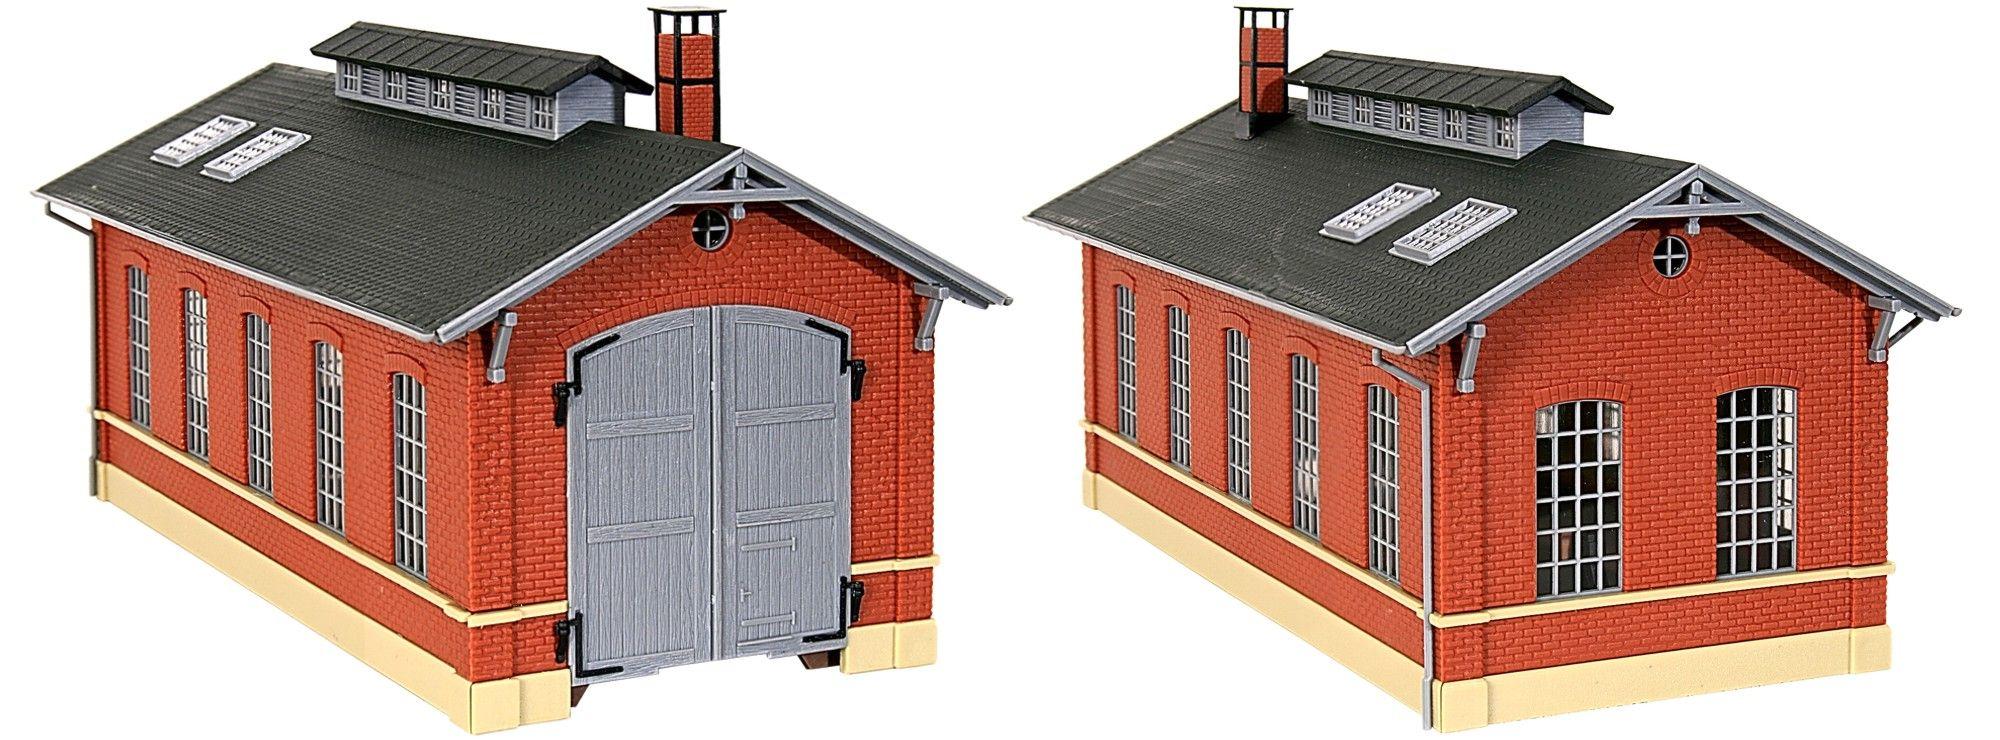 172 x 148 x 108 mm NEU in OVP Faller 130162 Feuerwehrgerätehaus